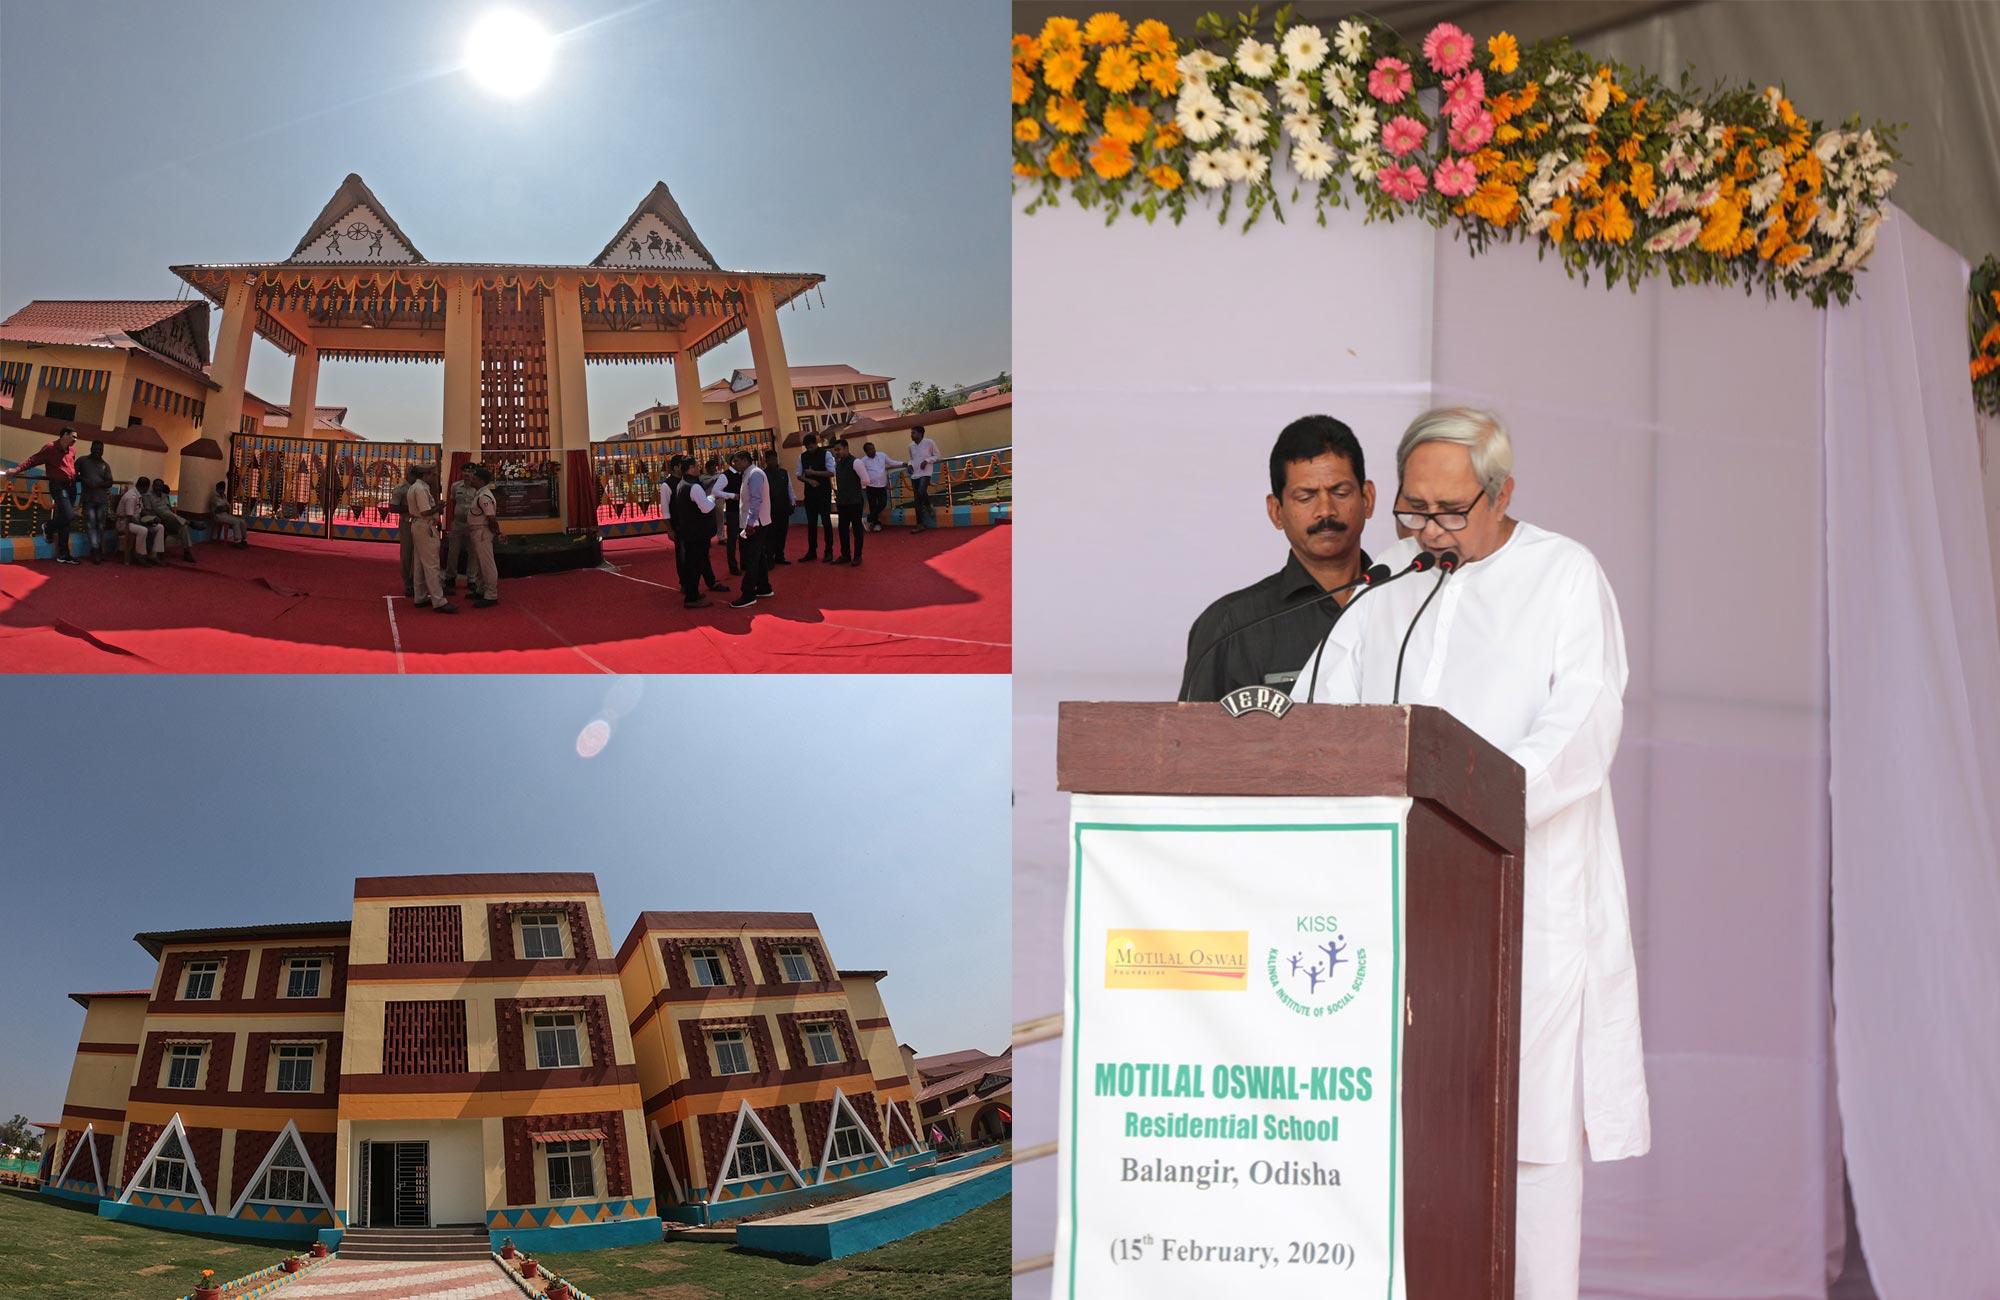 Naveen Patnaik Inaugurates Motilal Oswal-KISS Residential School